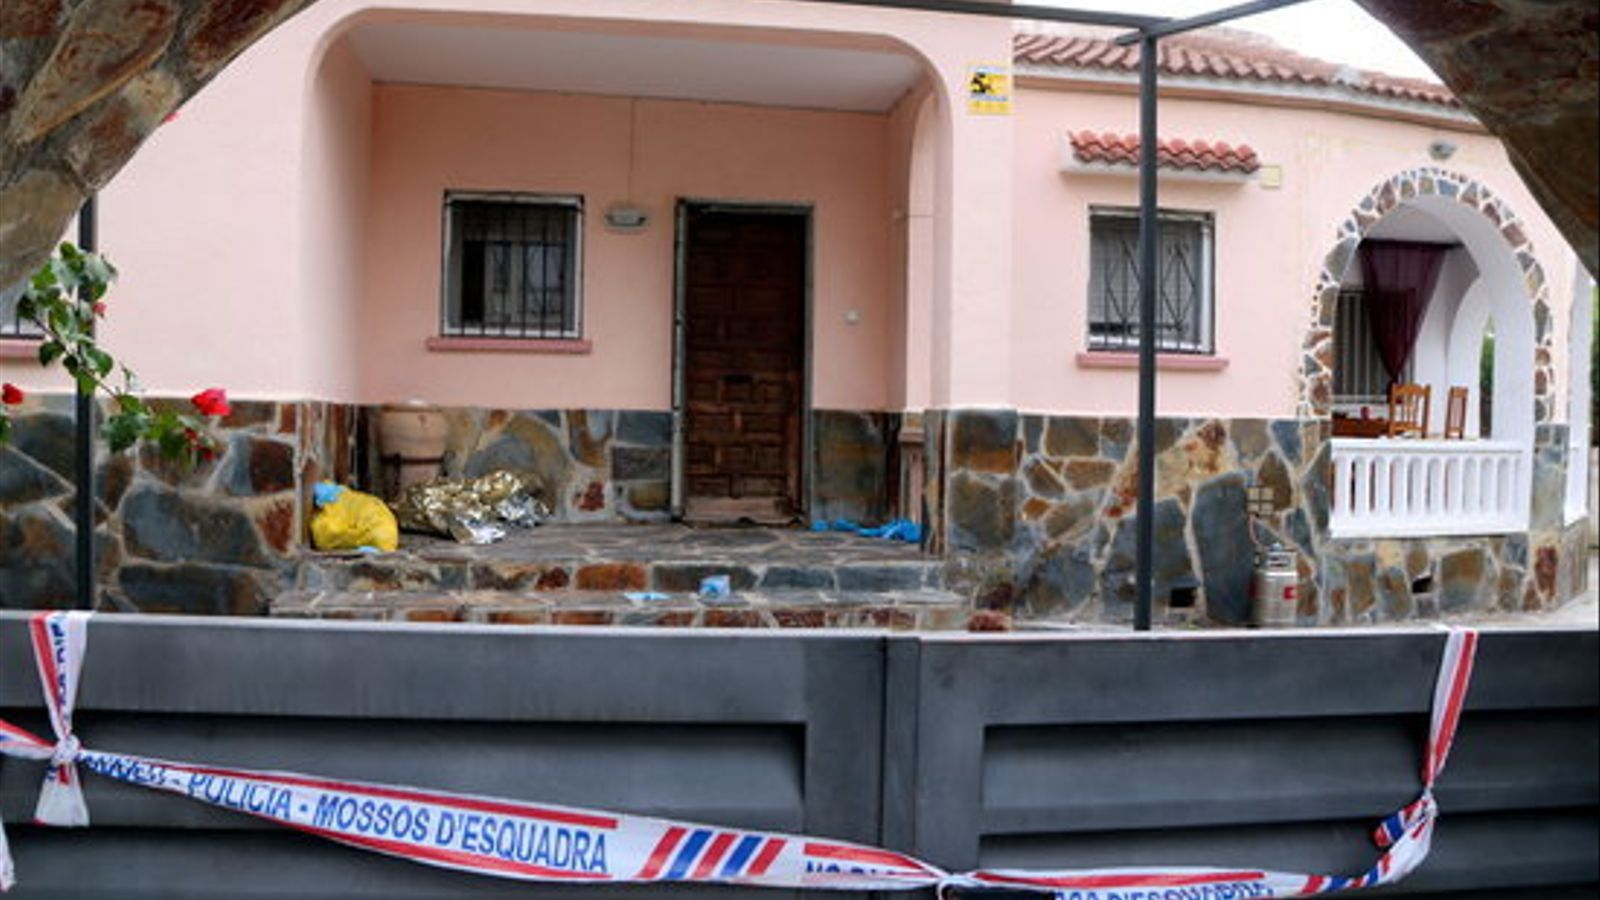 Imatge de la casa on s'ha produït l'homicidi